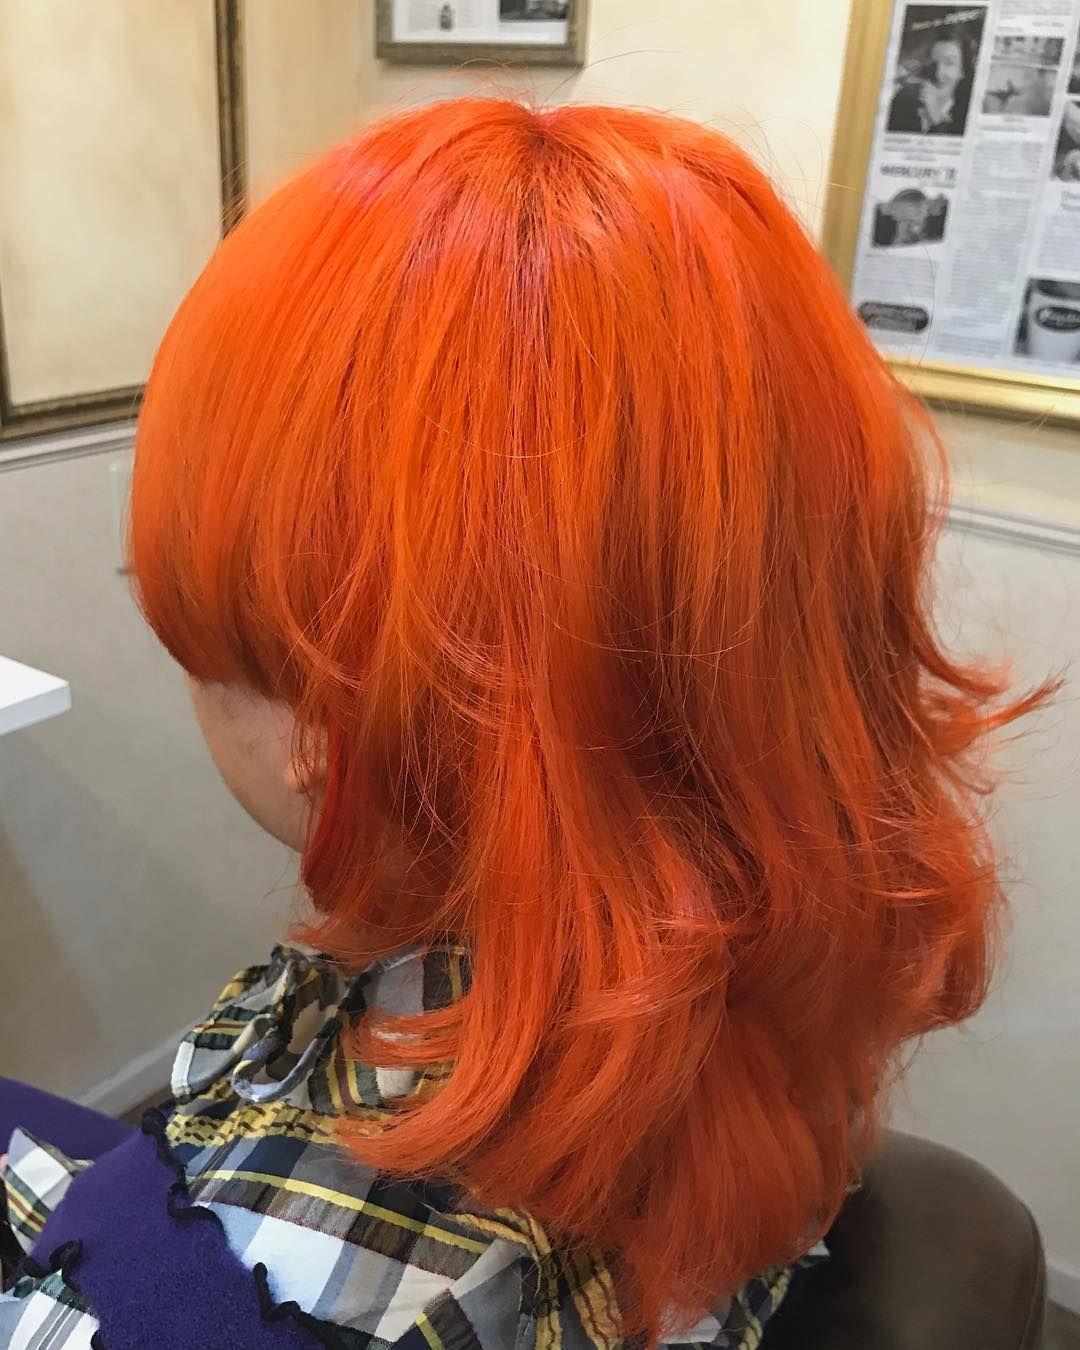 オレンジカラー マニパニ マニパニカラー 派手髪 派手髪女子 派手